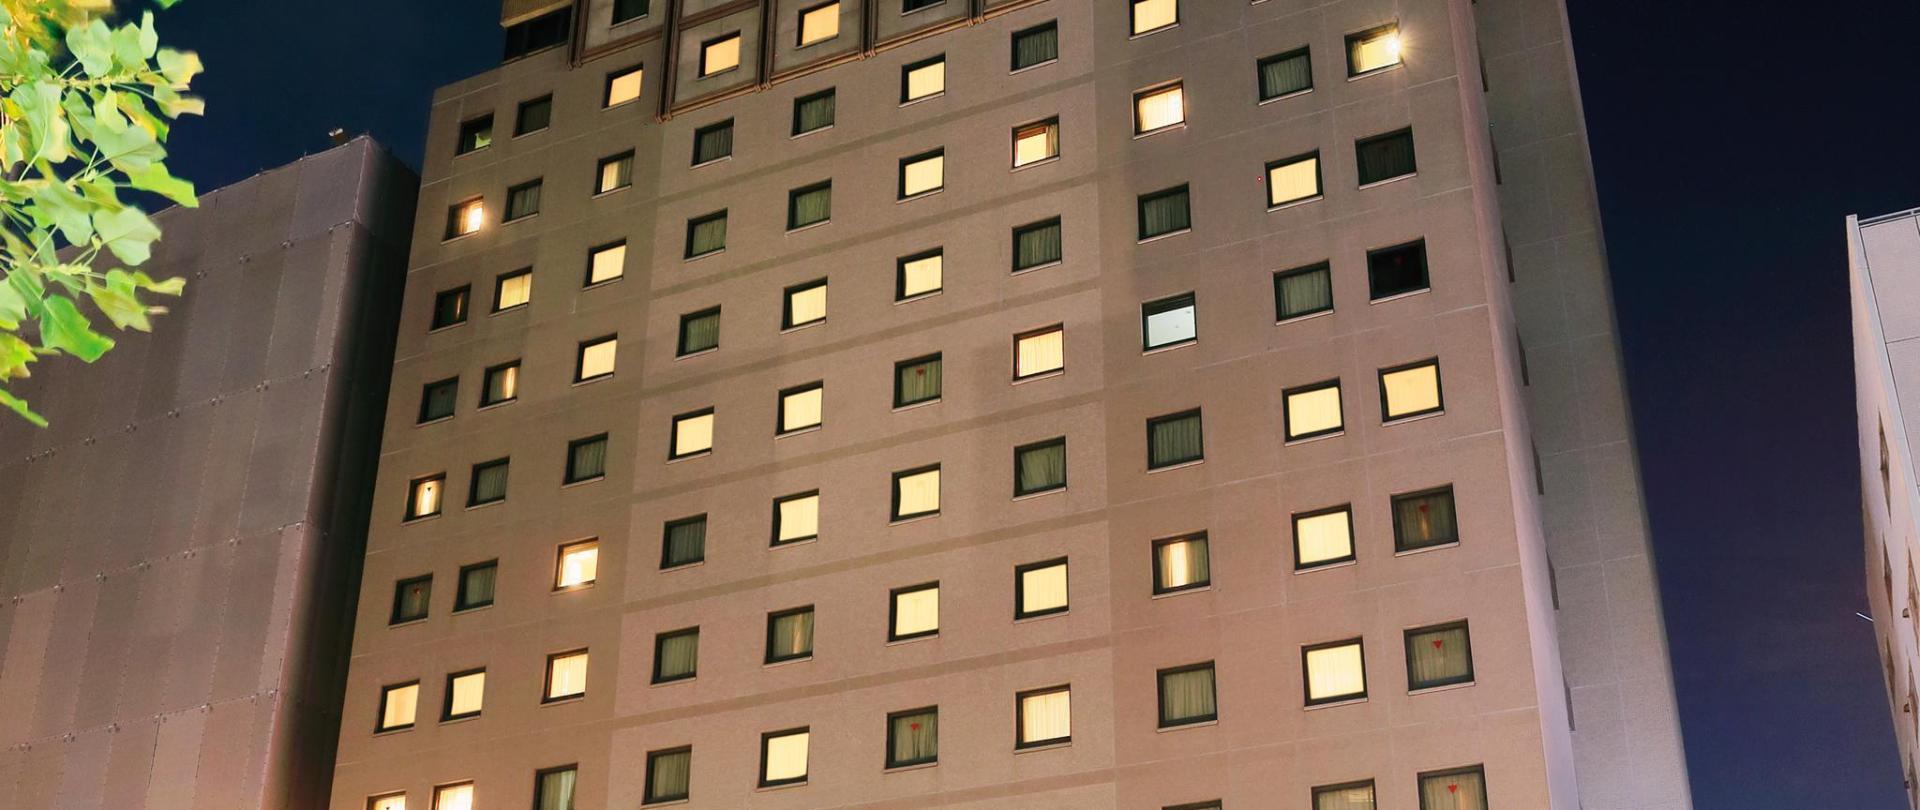 东京四谷永国际高级酒店